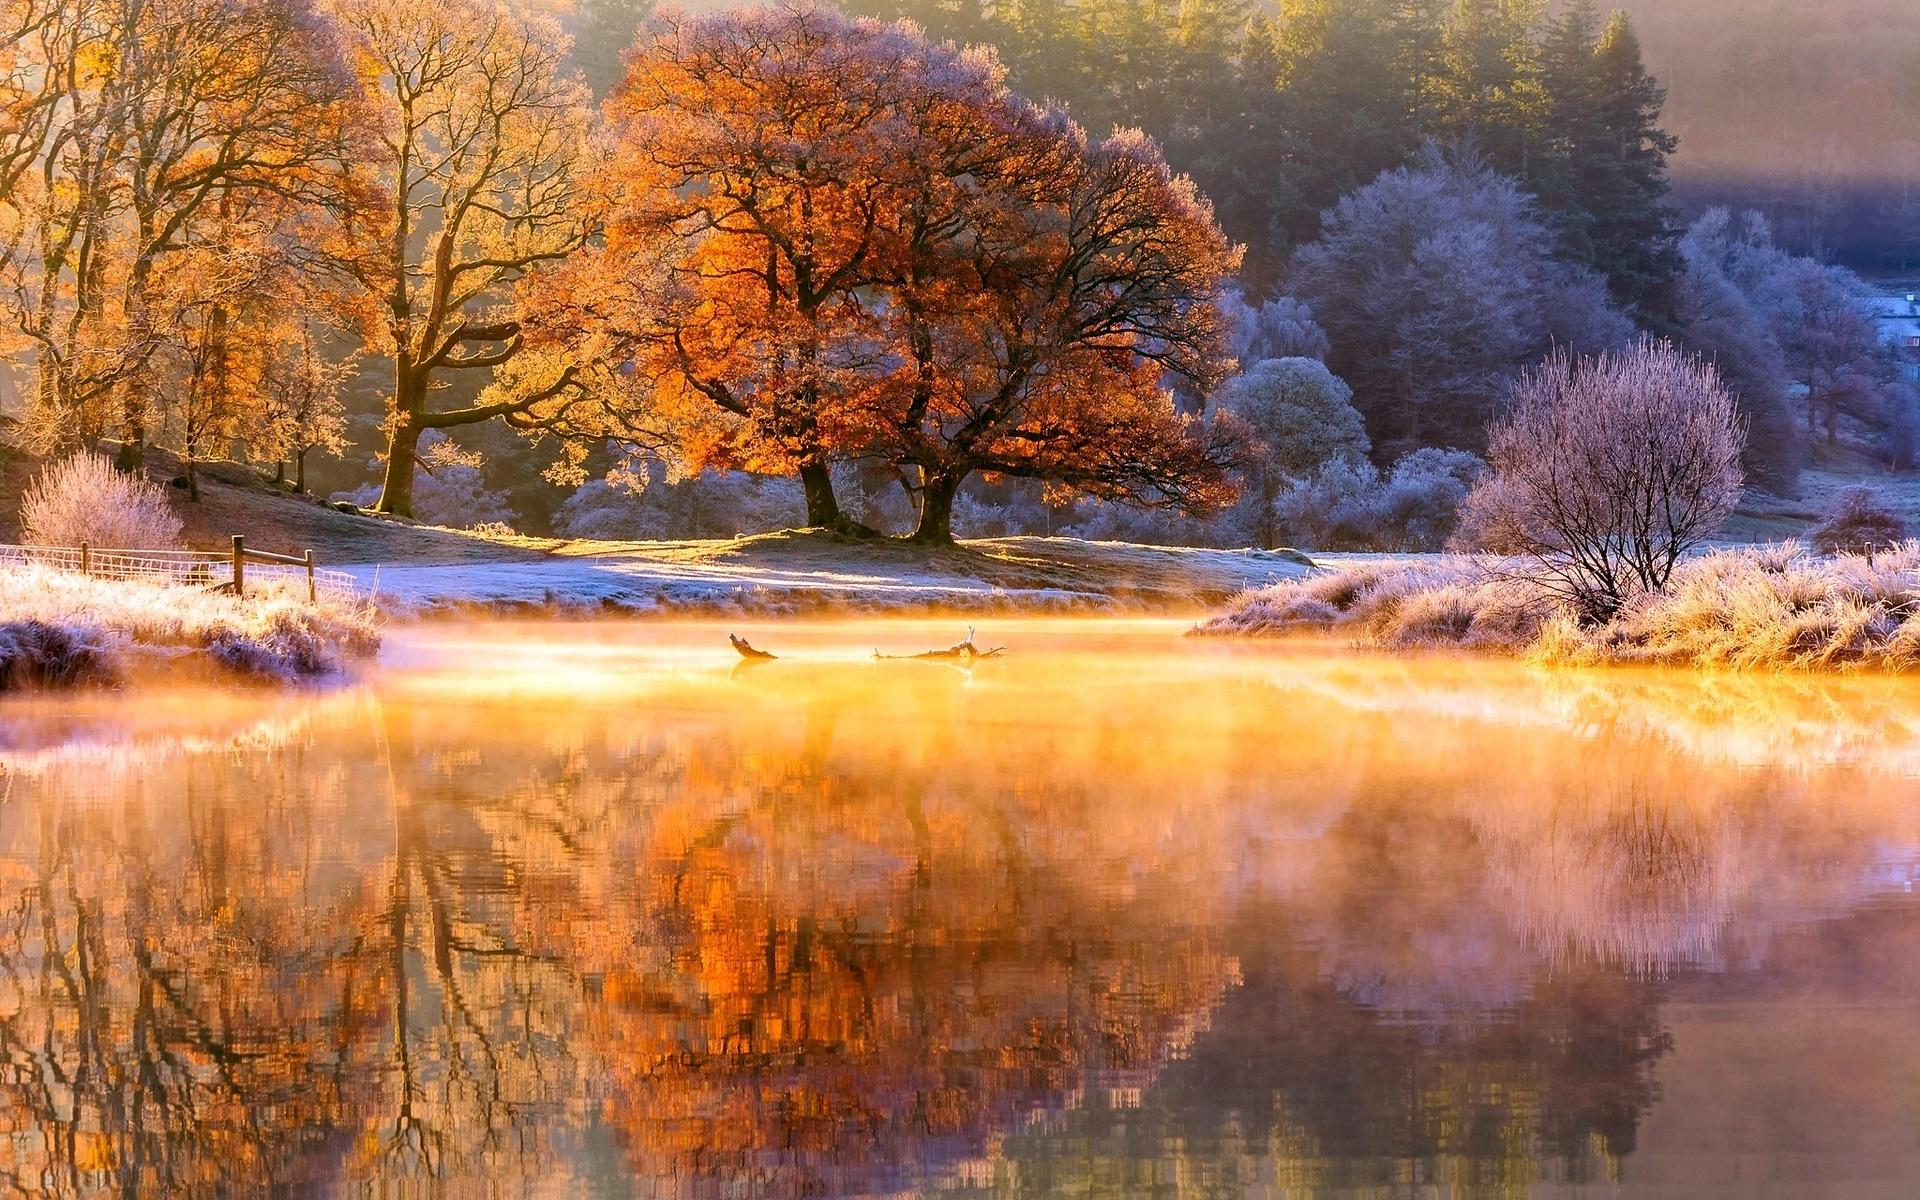 Картинка ноябрьский пейзаж